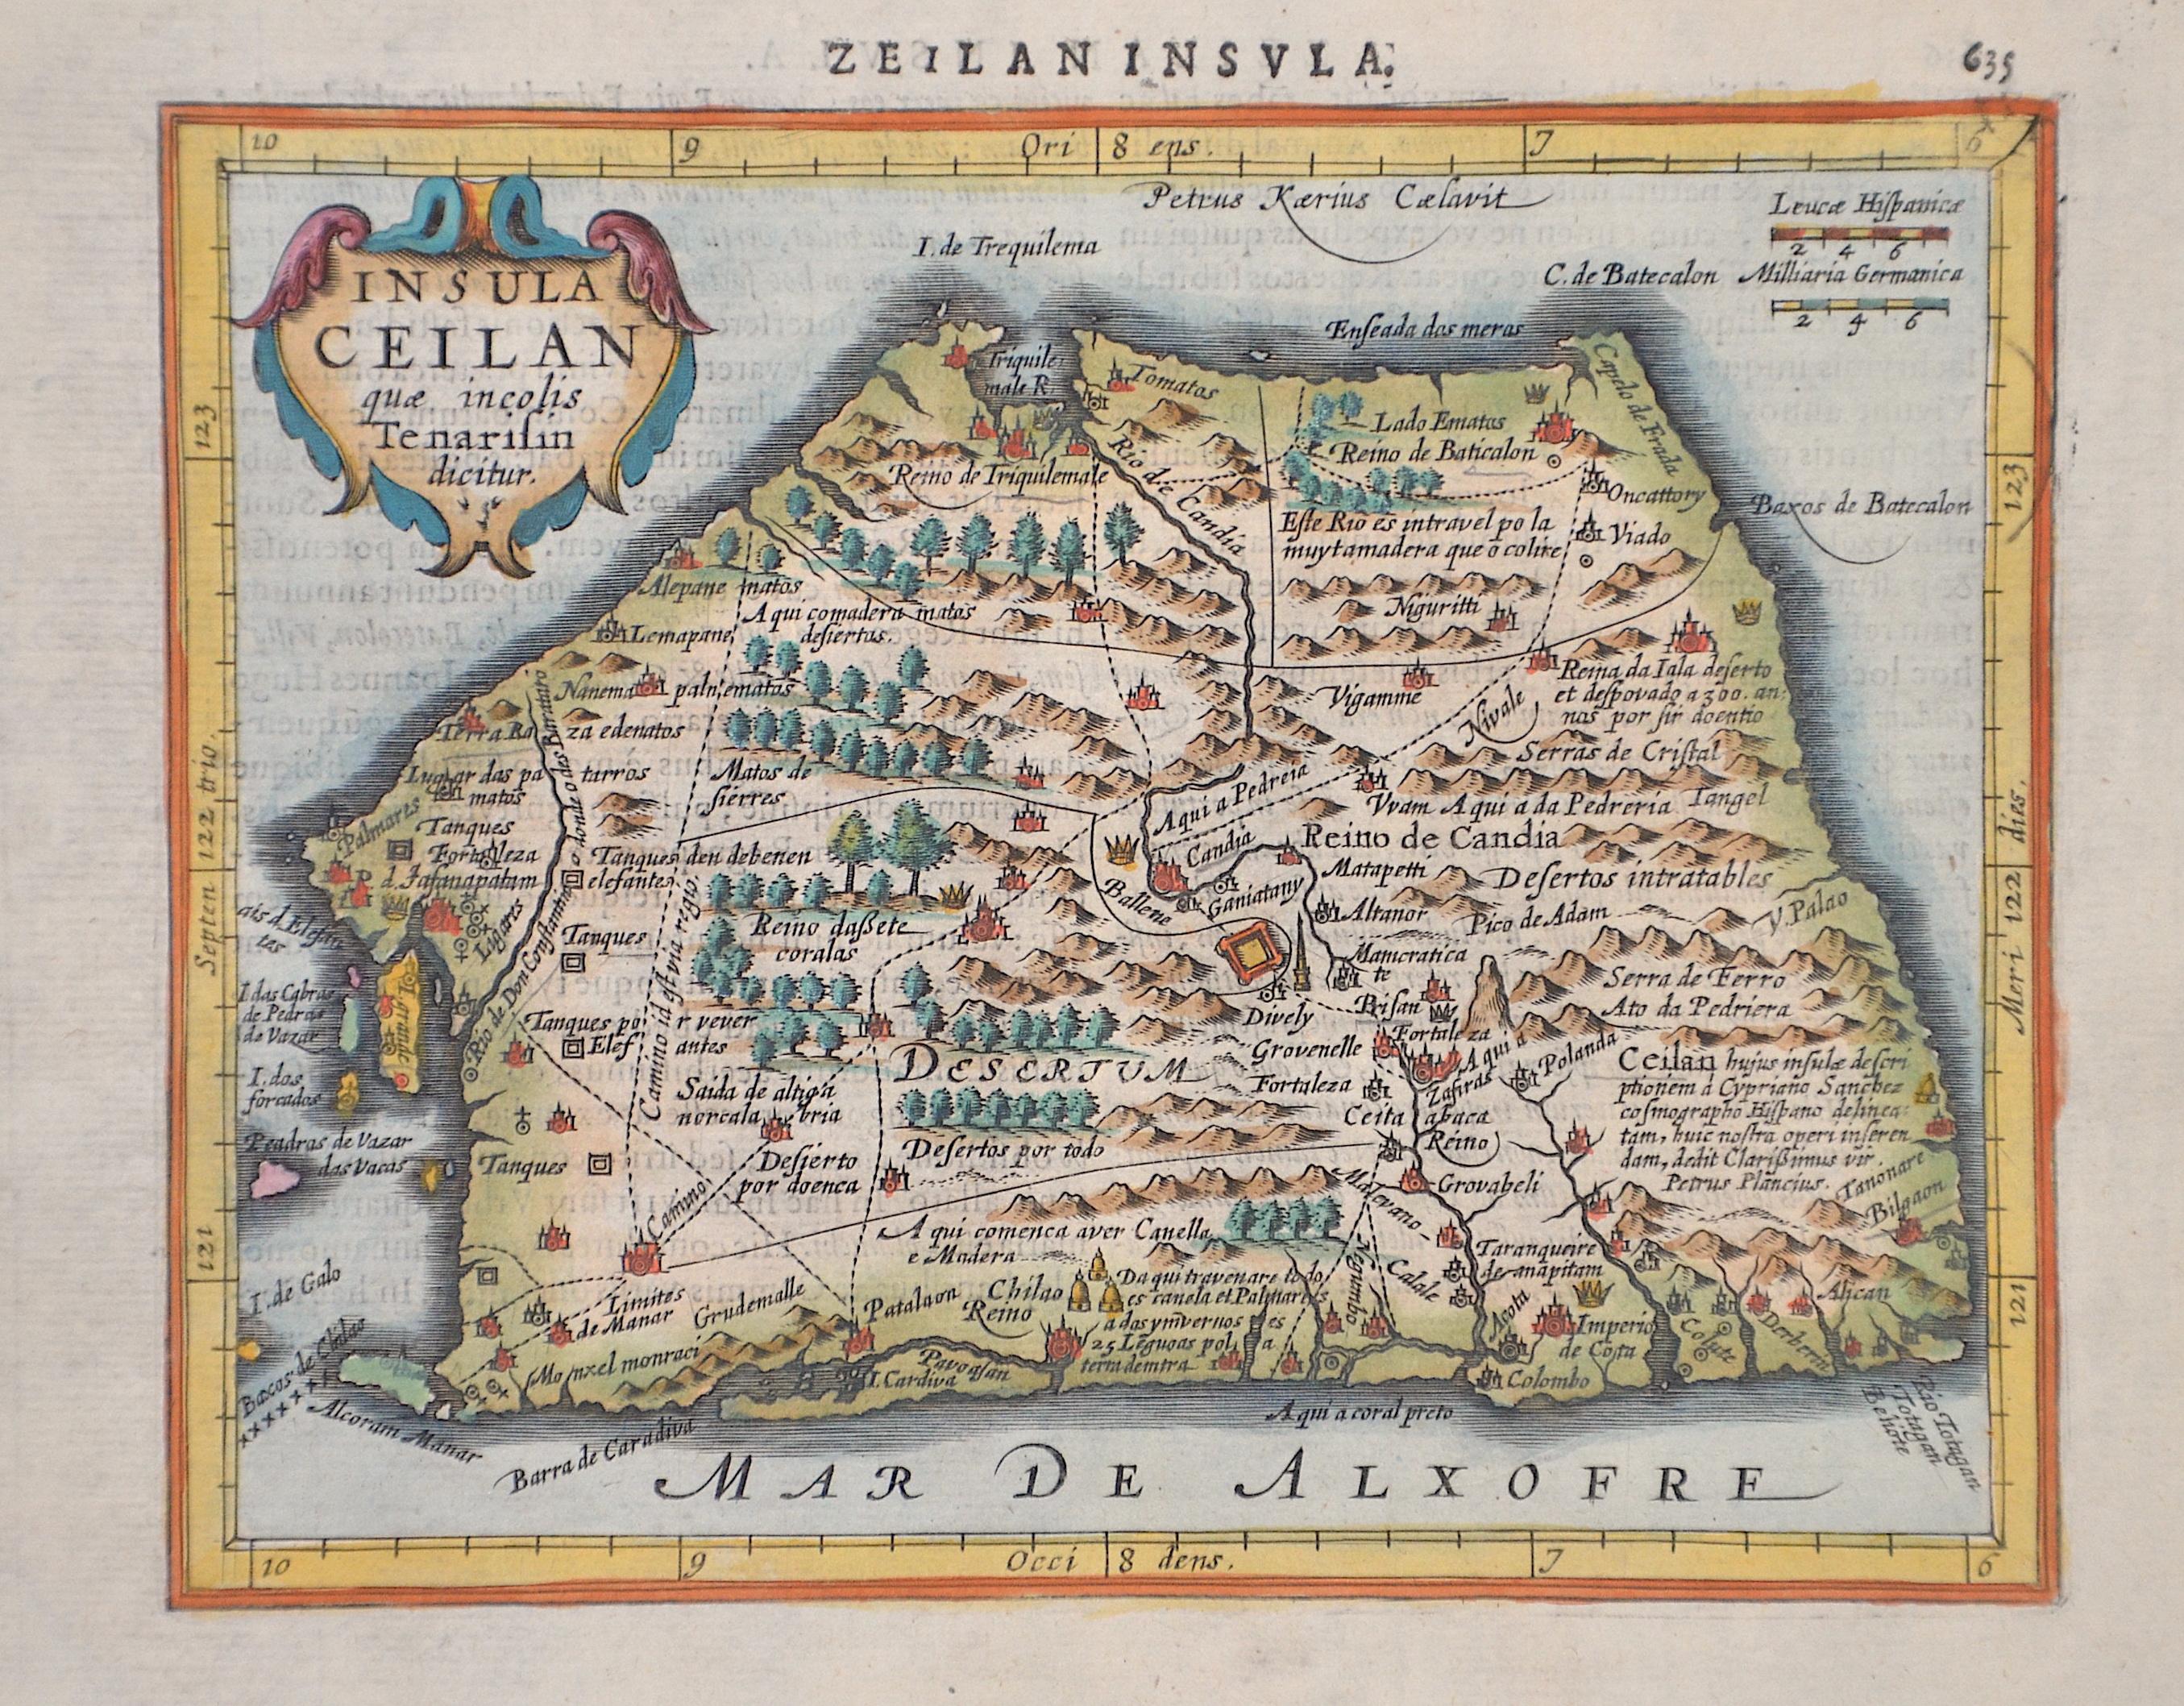 Kaerius Petrus Insula Ceilan quae incolis Tenarisin dicitur.